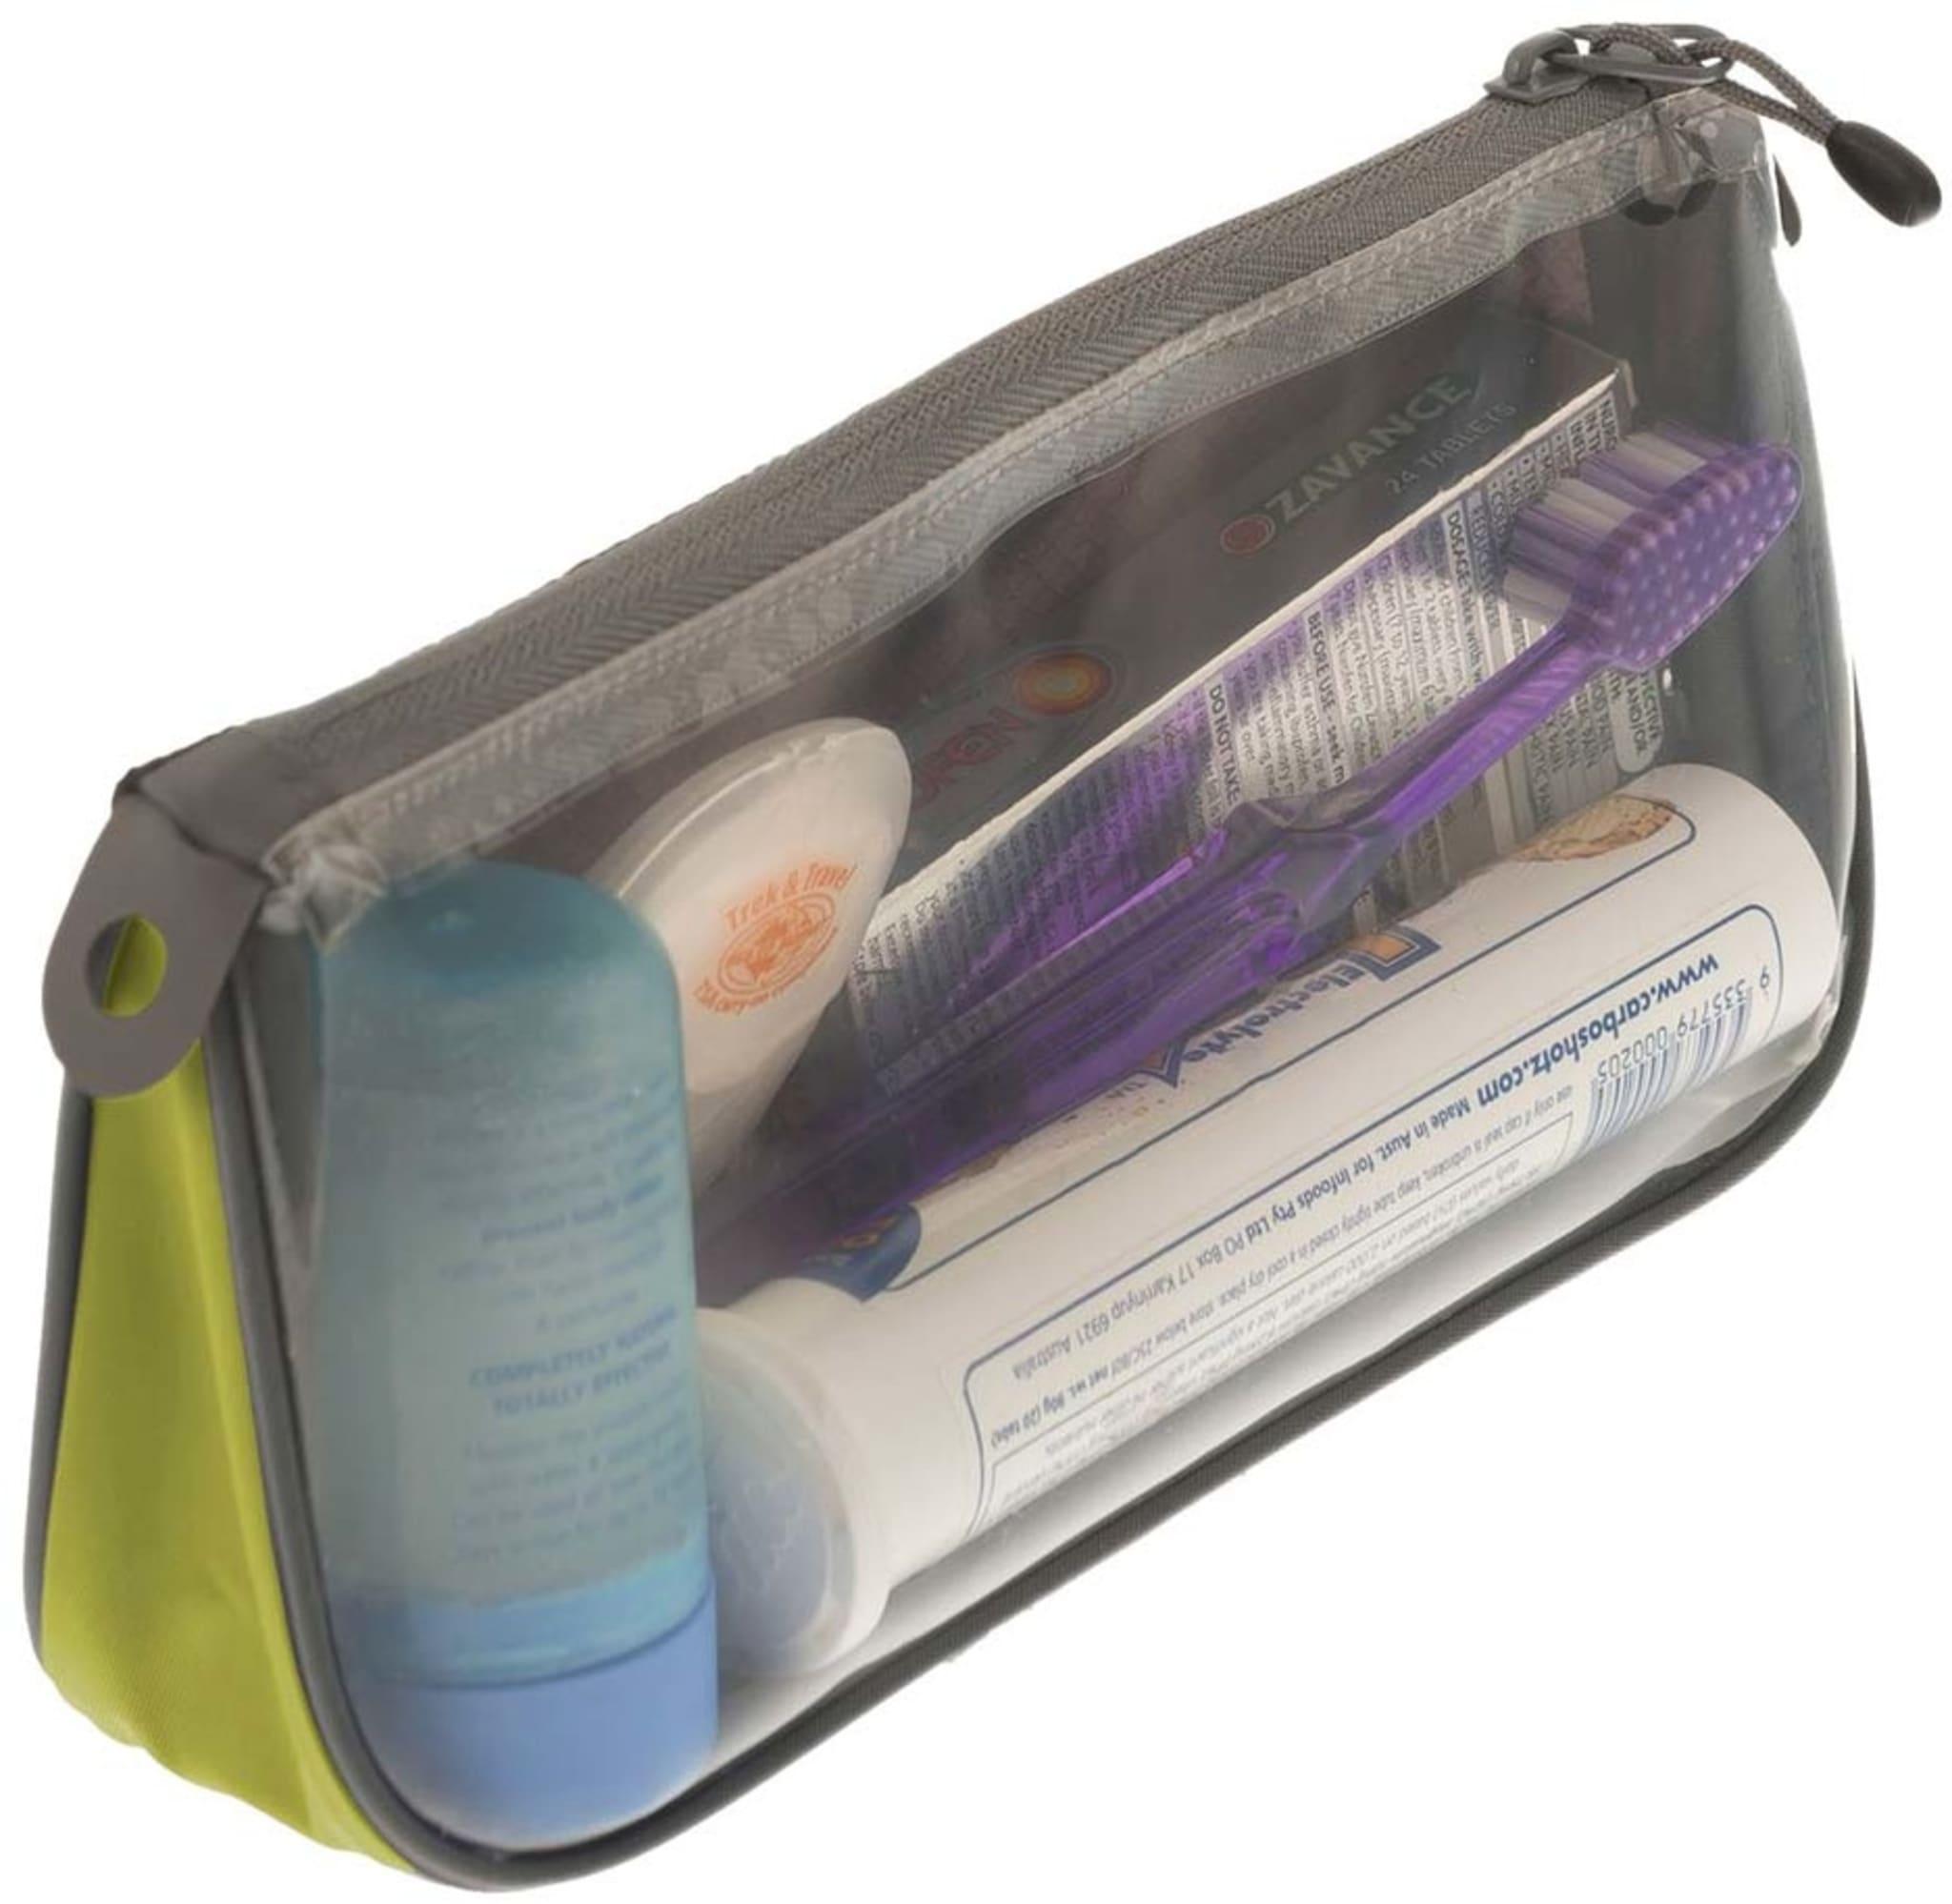 Liten og lett oppbevaringspose med glidelås og en gjennomsiktig side